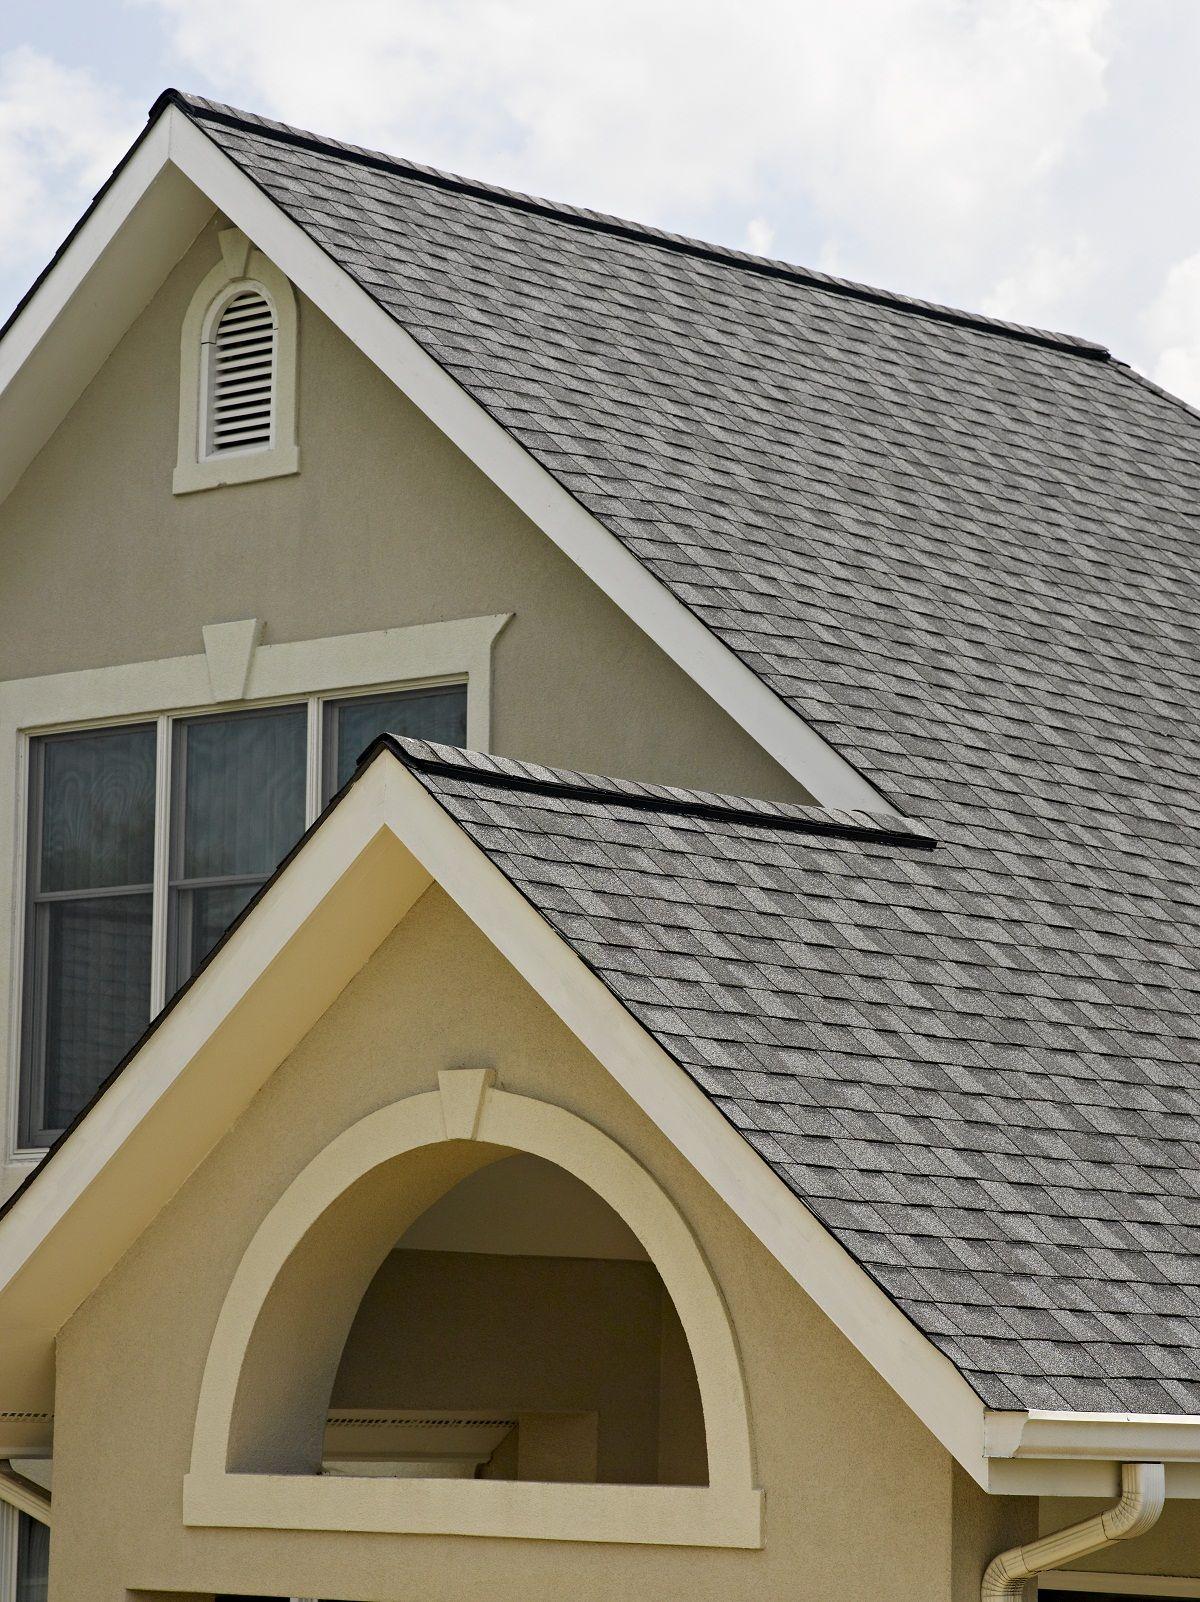 Best Landmark In Pewter Certainteed Roofing Residential Roofing Cool Roof Certainteed Shingles 400 x 300